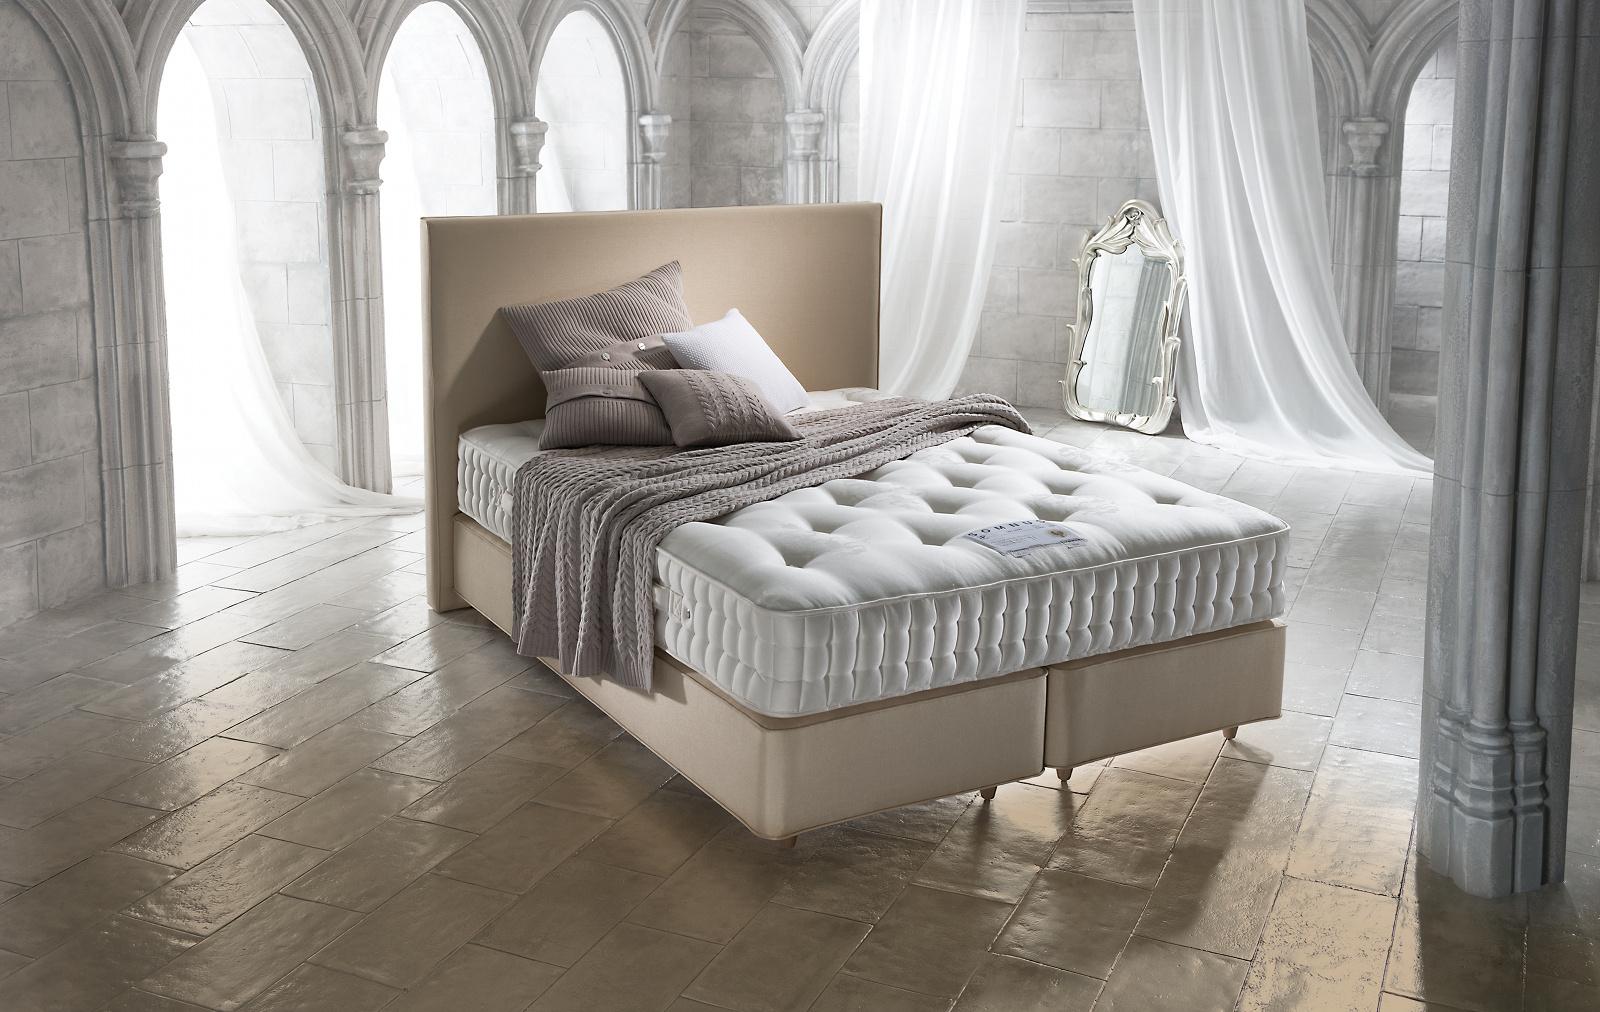 Full Size of Somnus Betten Berlin 120x200 Weiß Kinder Bonprix Weiße Ikea 160x200 Schöne Ruf Preise Französische Möbel Boss Kaufen Hasena Rauch 140x200 Günstige Bock Bett Somnus Betten